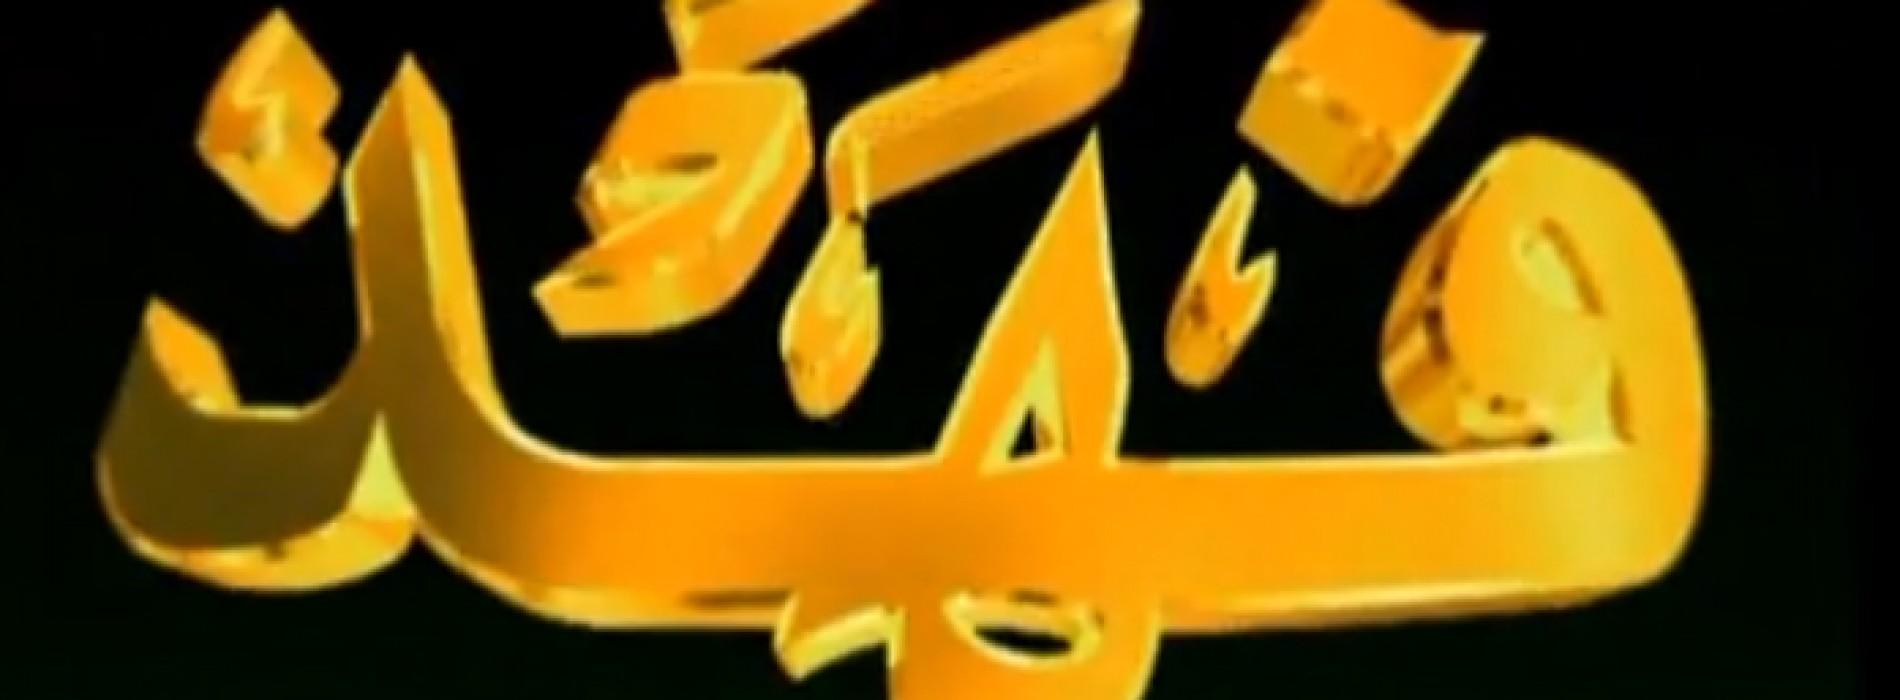 [ وثائقي ] تفاصيل ما حدث قبل حرب الخليج – موقف الملك فهد